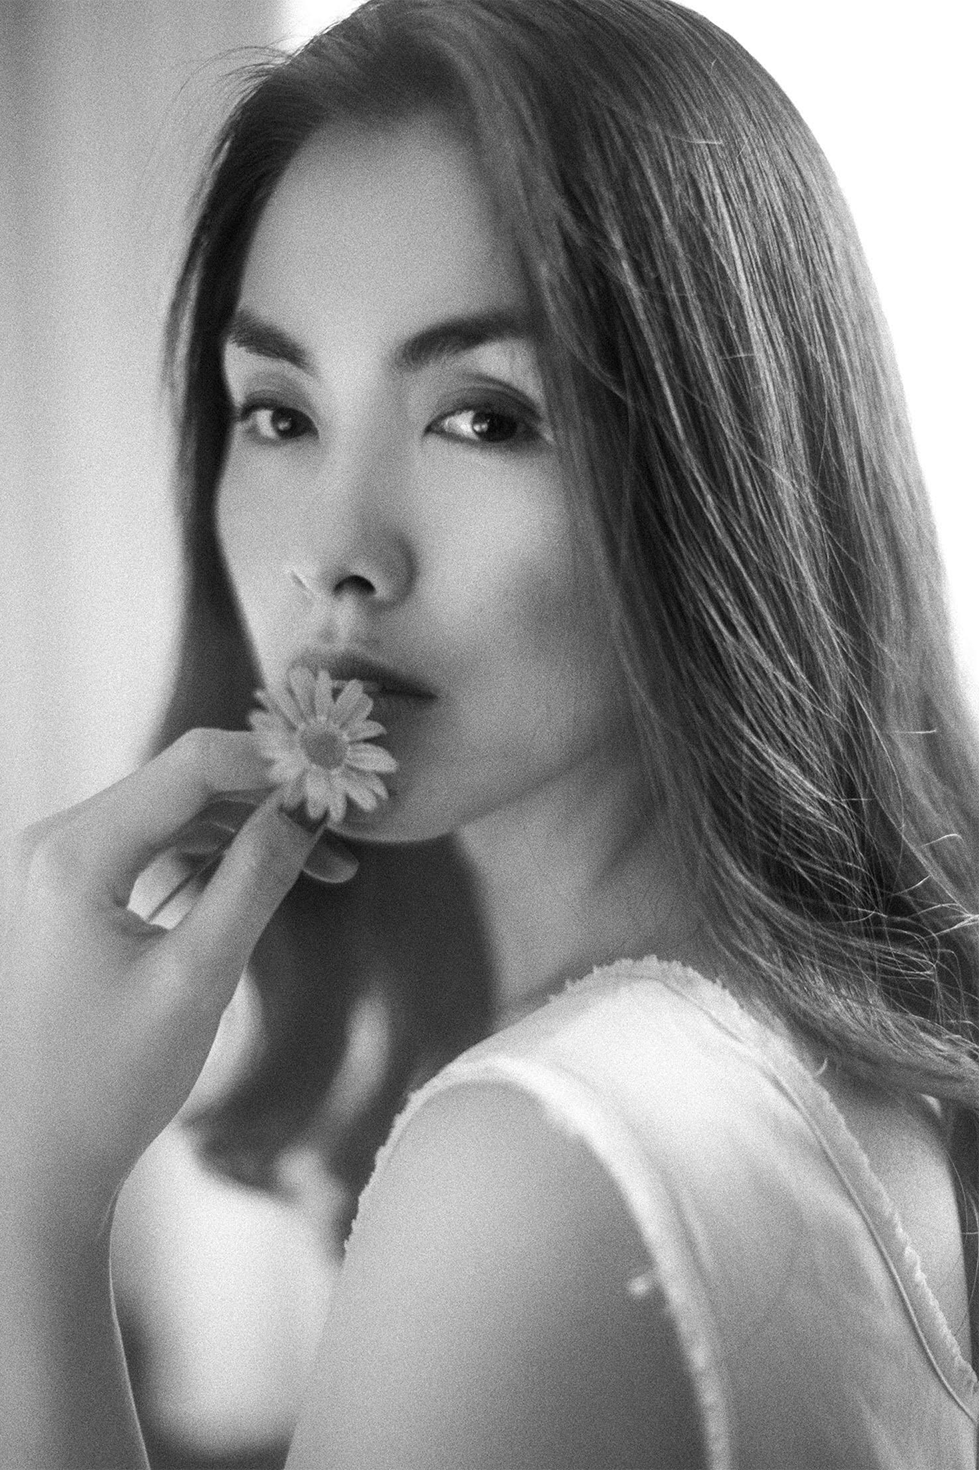 Tăng Thanh Hà, thanh xuân trong trẻo của điện ảnh Việt, nàng đã để khán giả chờ đợi quá lâu rồi! - Ảnh 10.